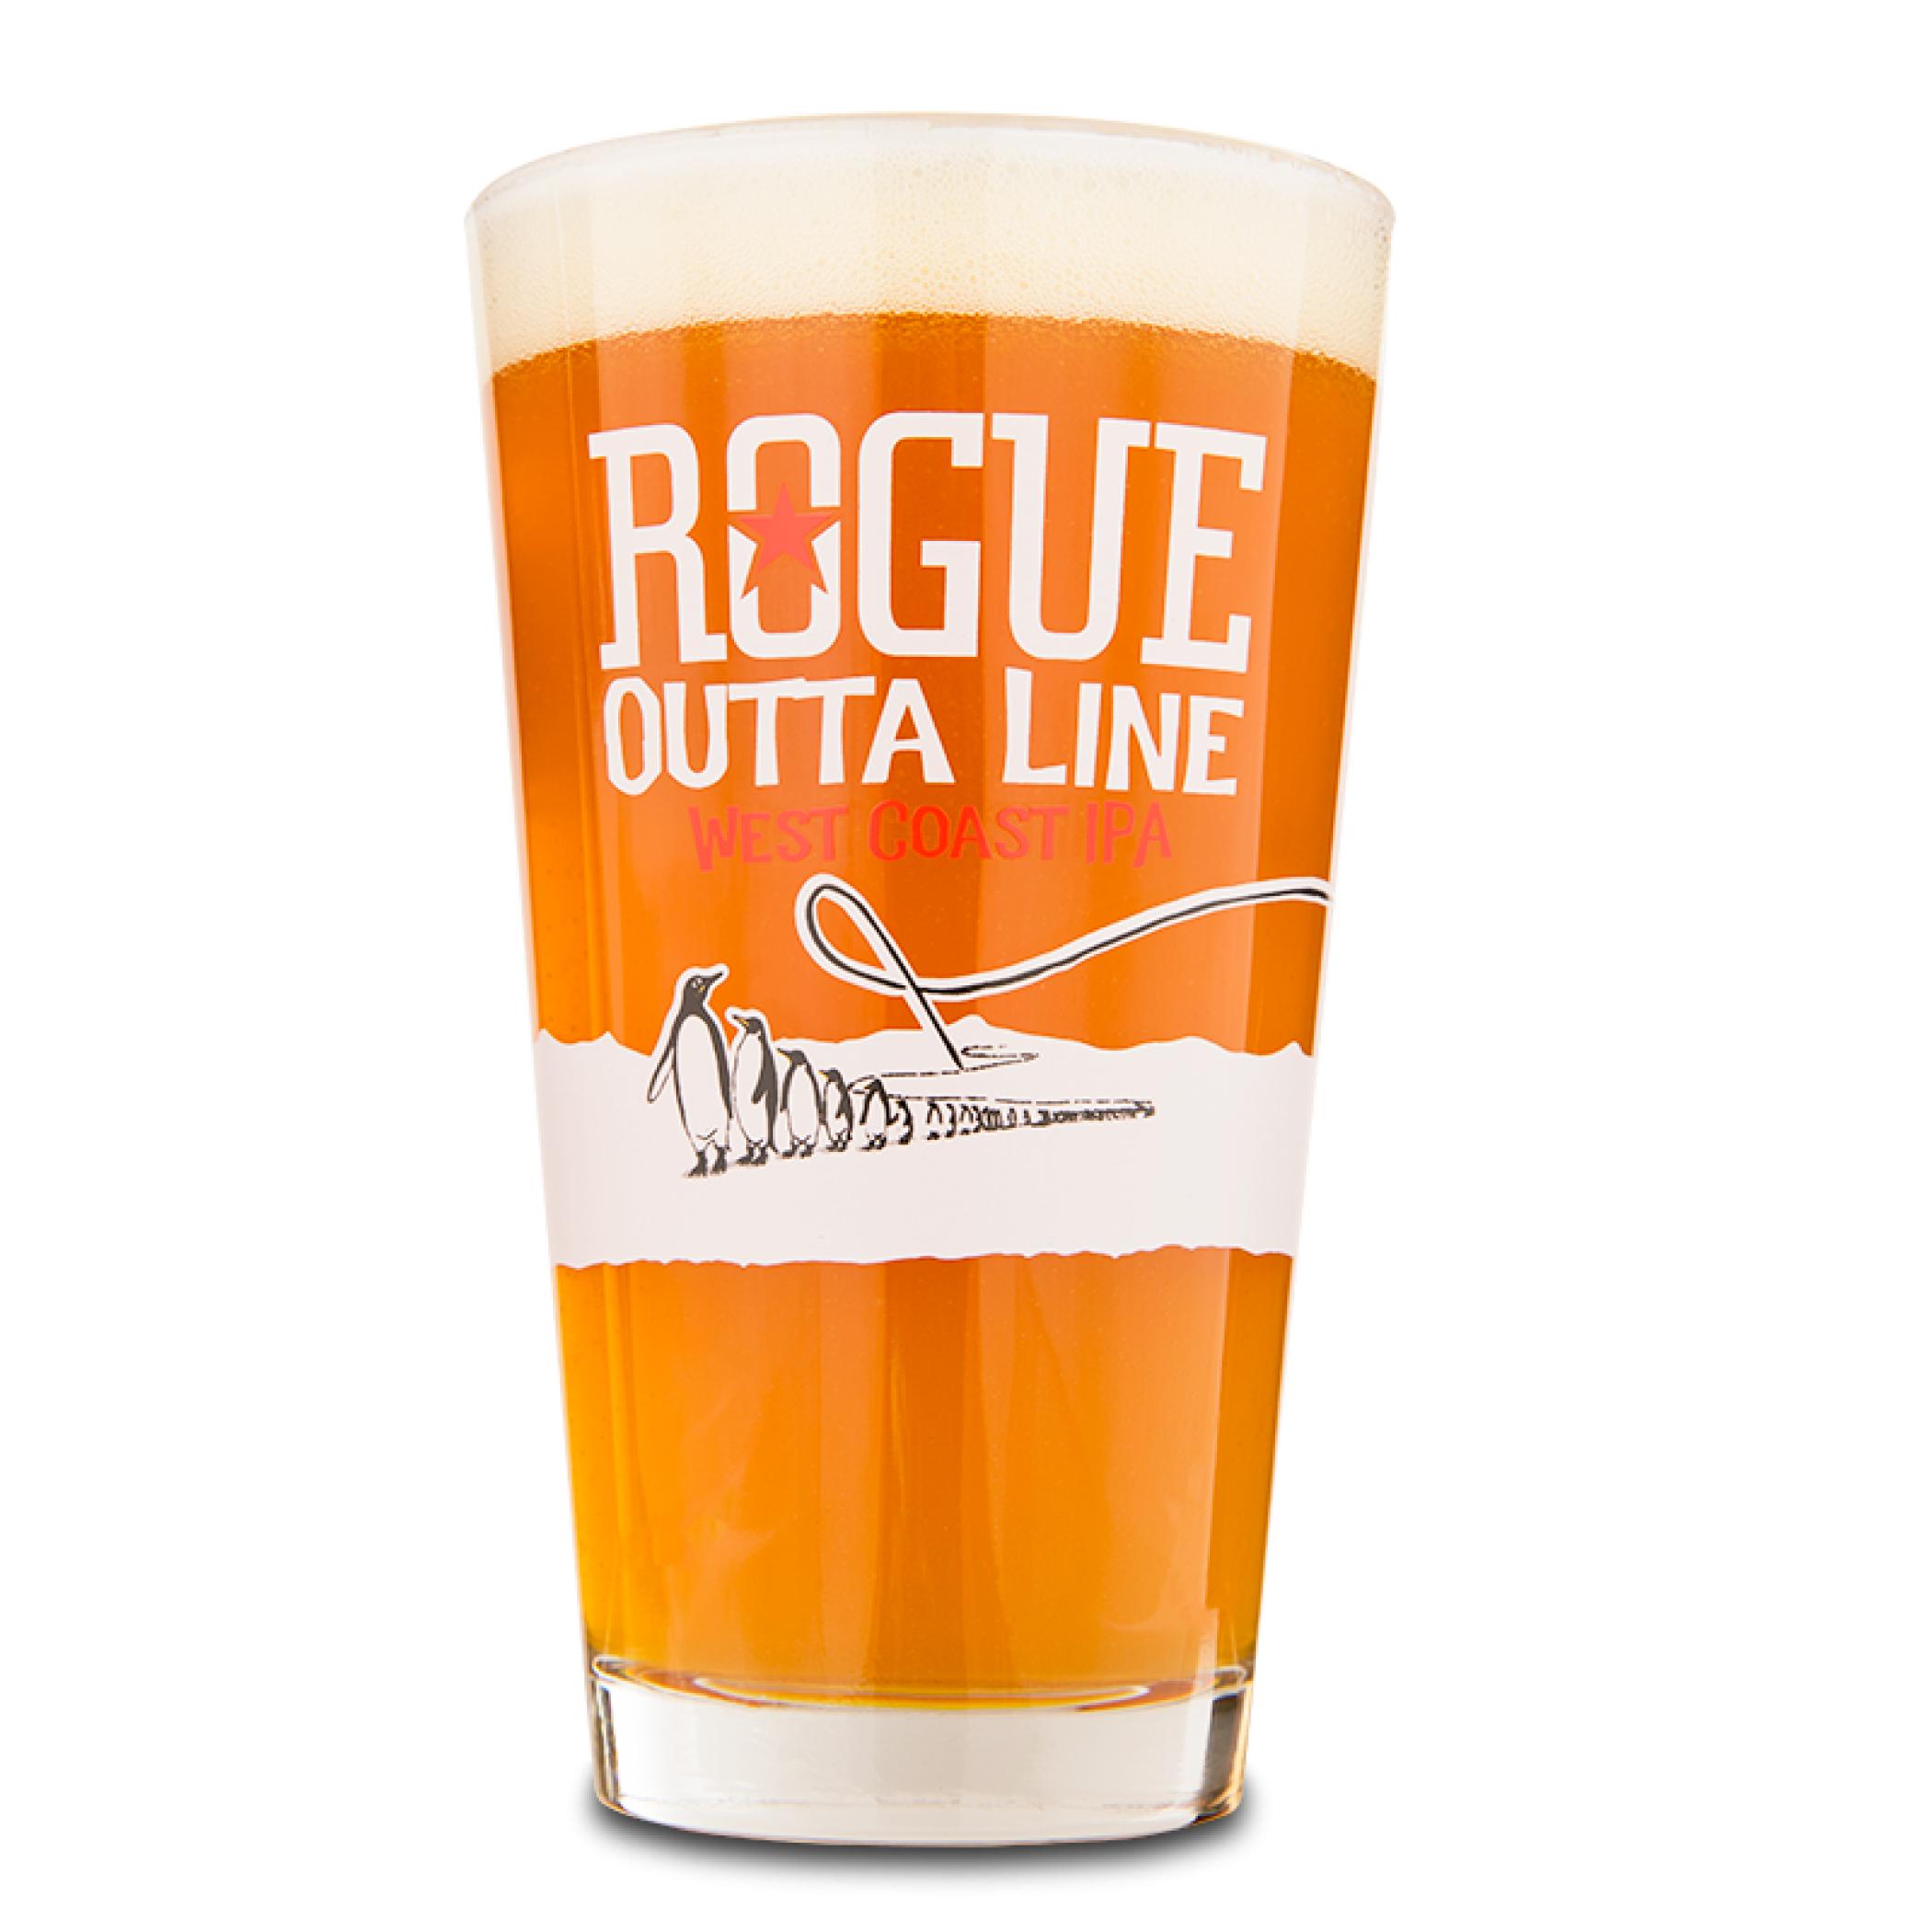 Rogue Outta Line Pint Glass